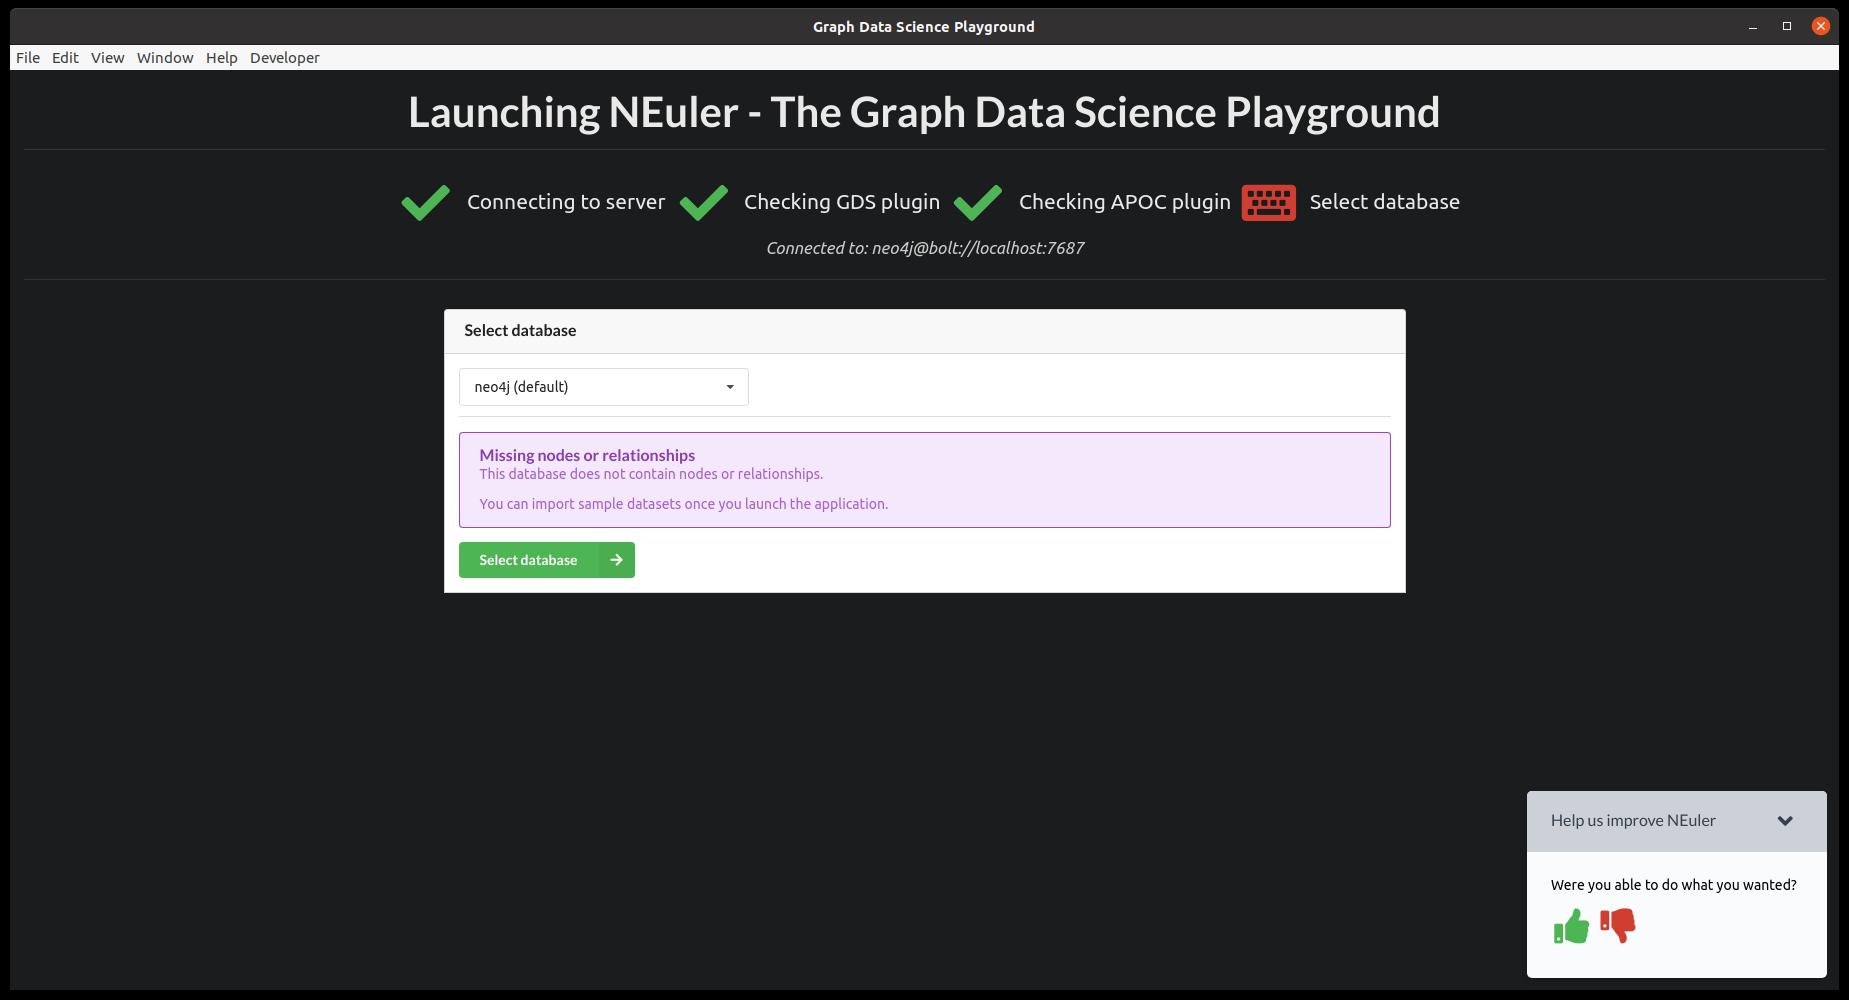 gds select database